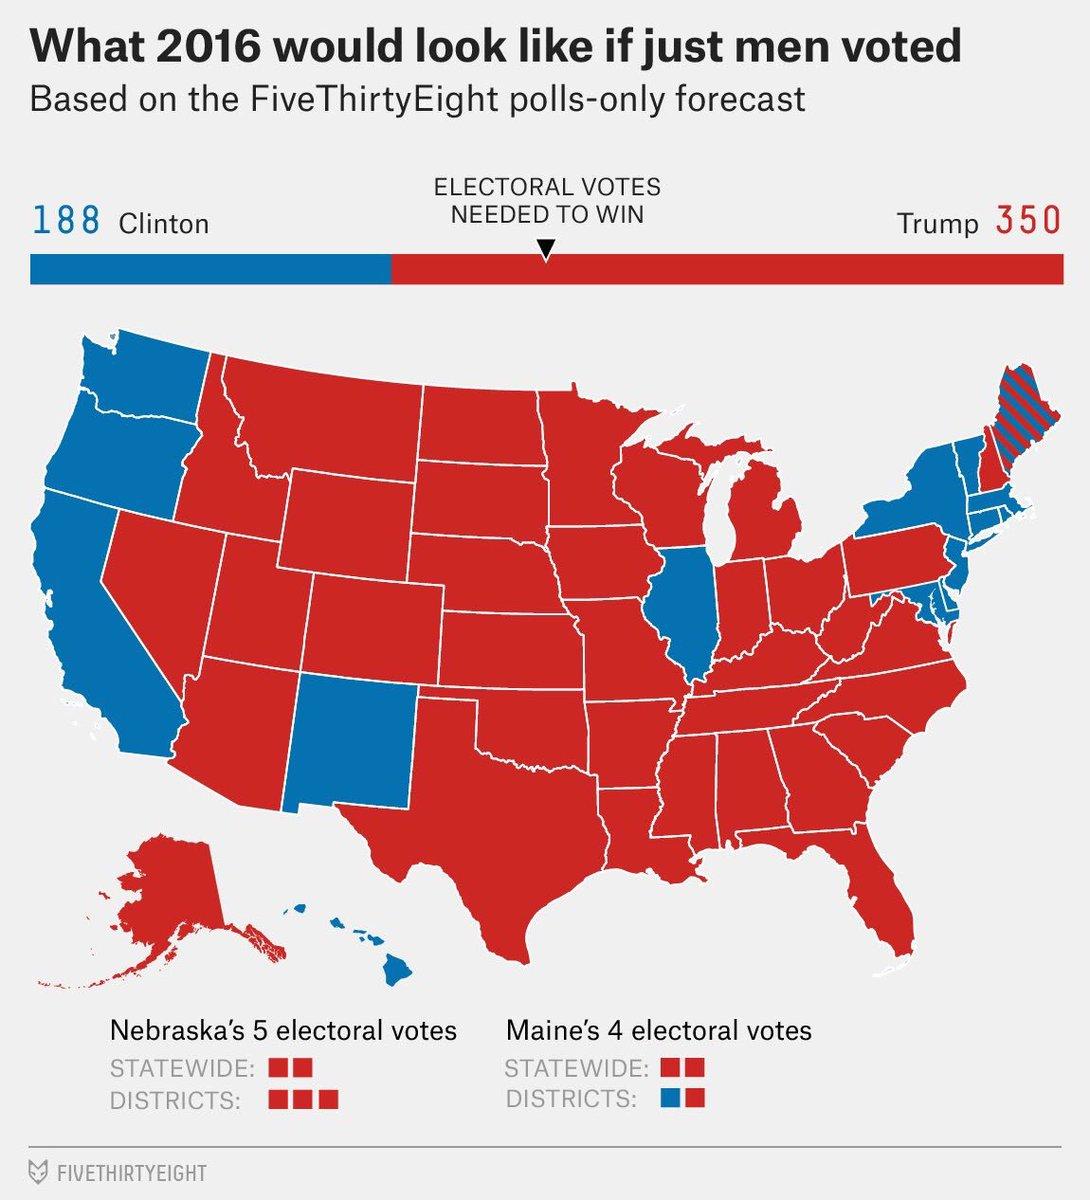 미국 대선에서 남자만 투표한다면 트럼프의 승리란 결과! 하지만 반대의 경우 힐러리 클린턴의 압승... 세상의 반은 여자다! https://t.co/8bi7P4FFzE